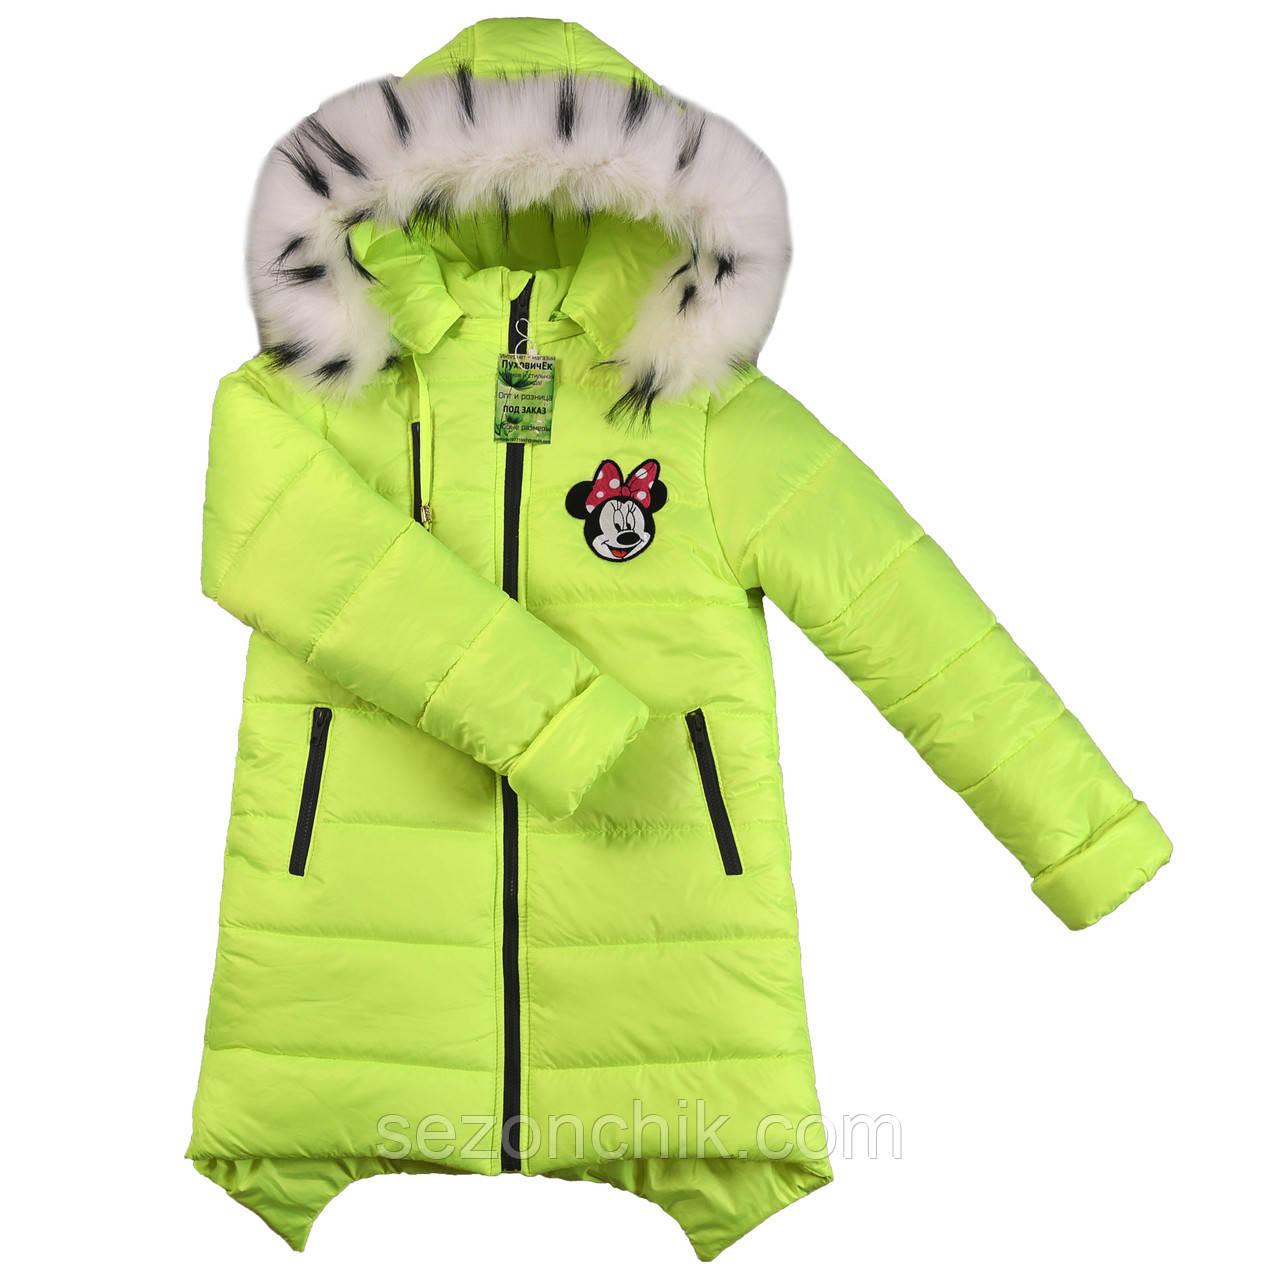 Детская куртка для девочки зимняя яркая удлиненная